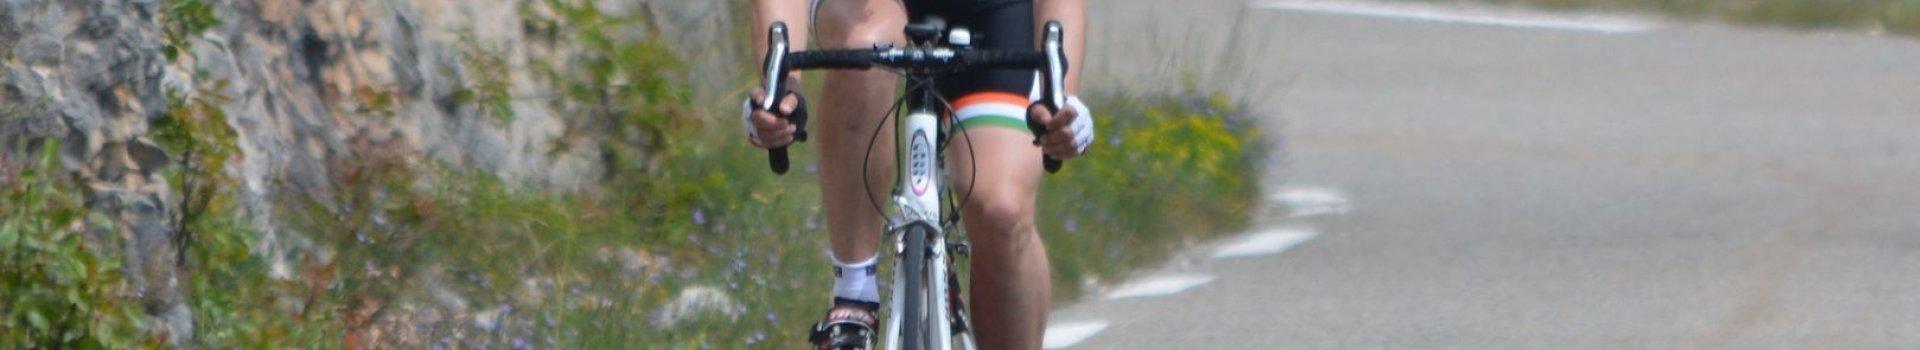 Odzież rowerowa - jak skompletować niezbędne wyposażenie?